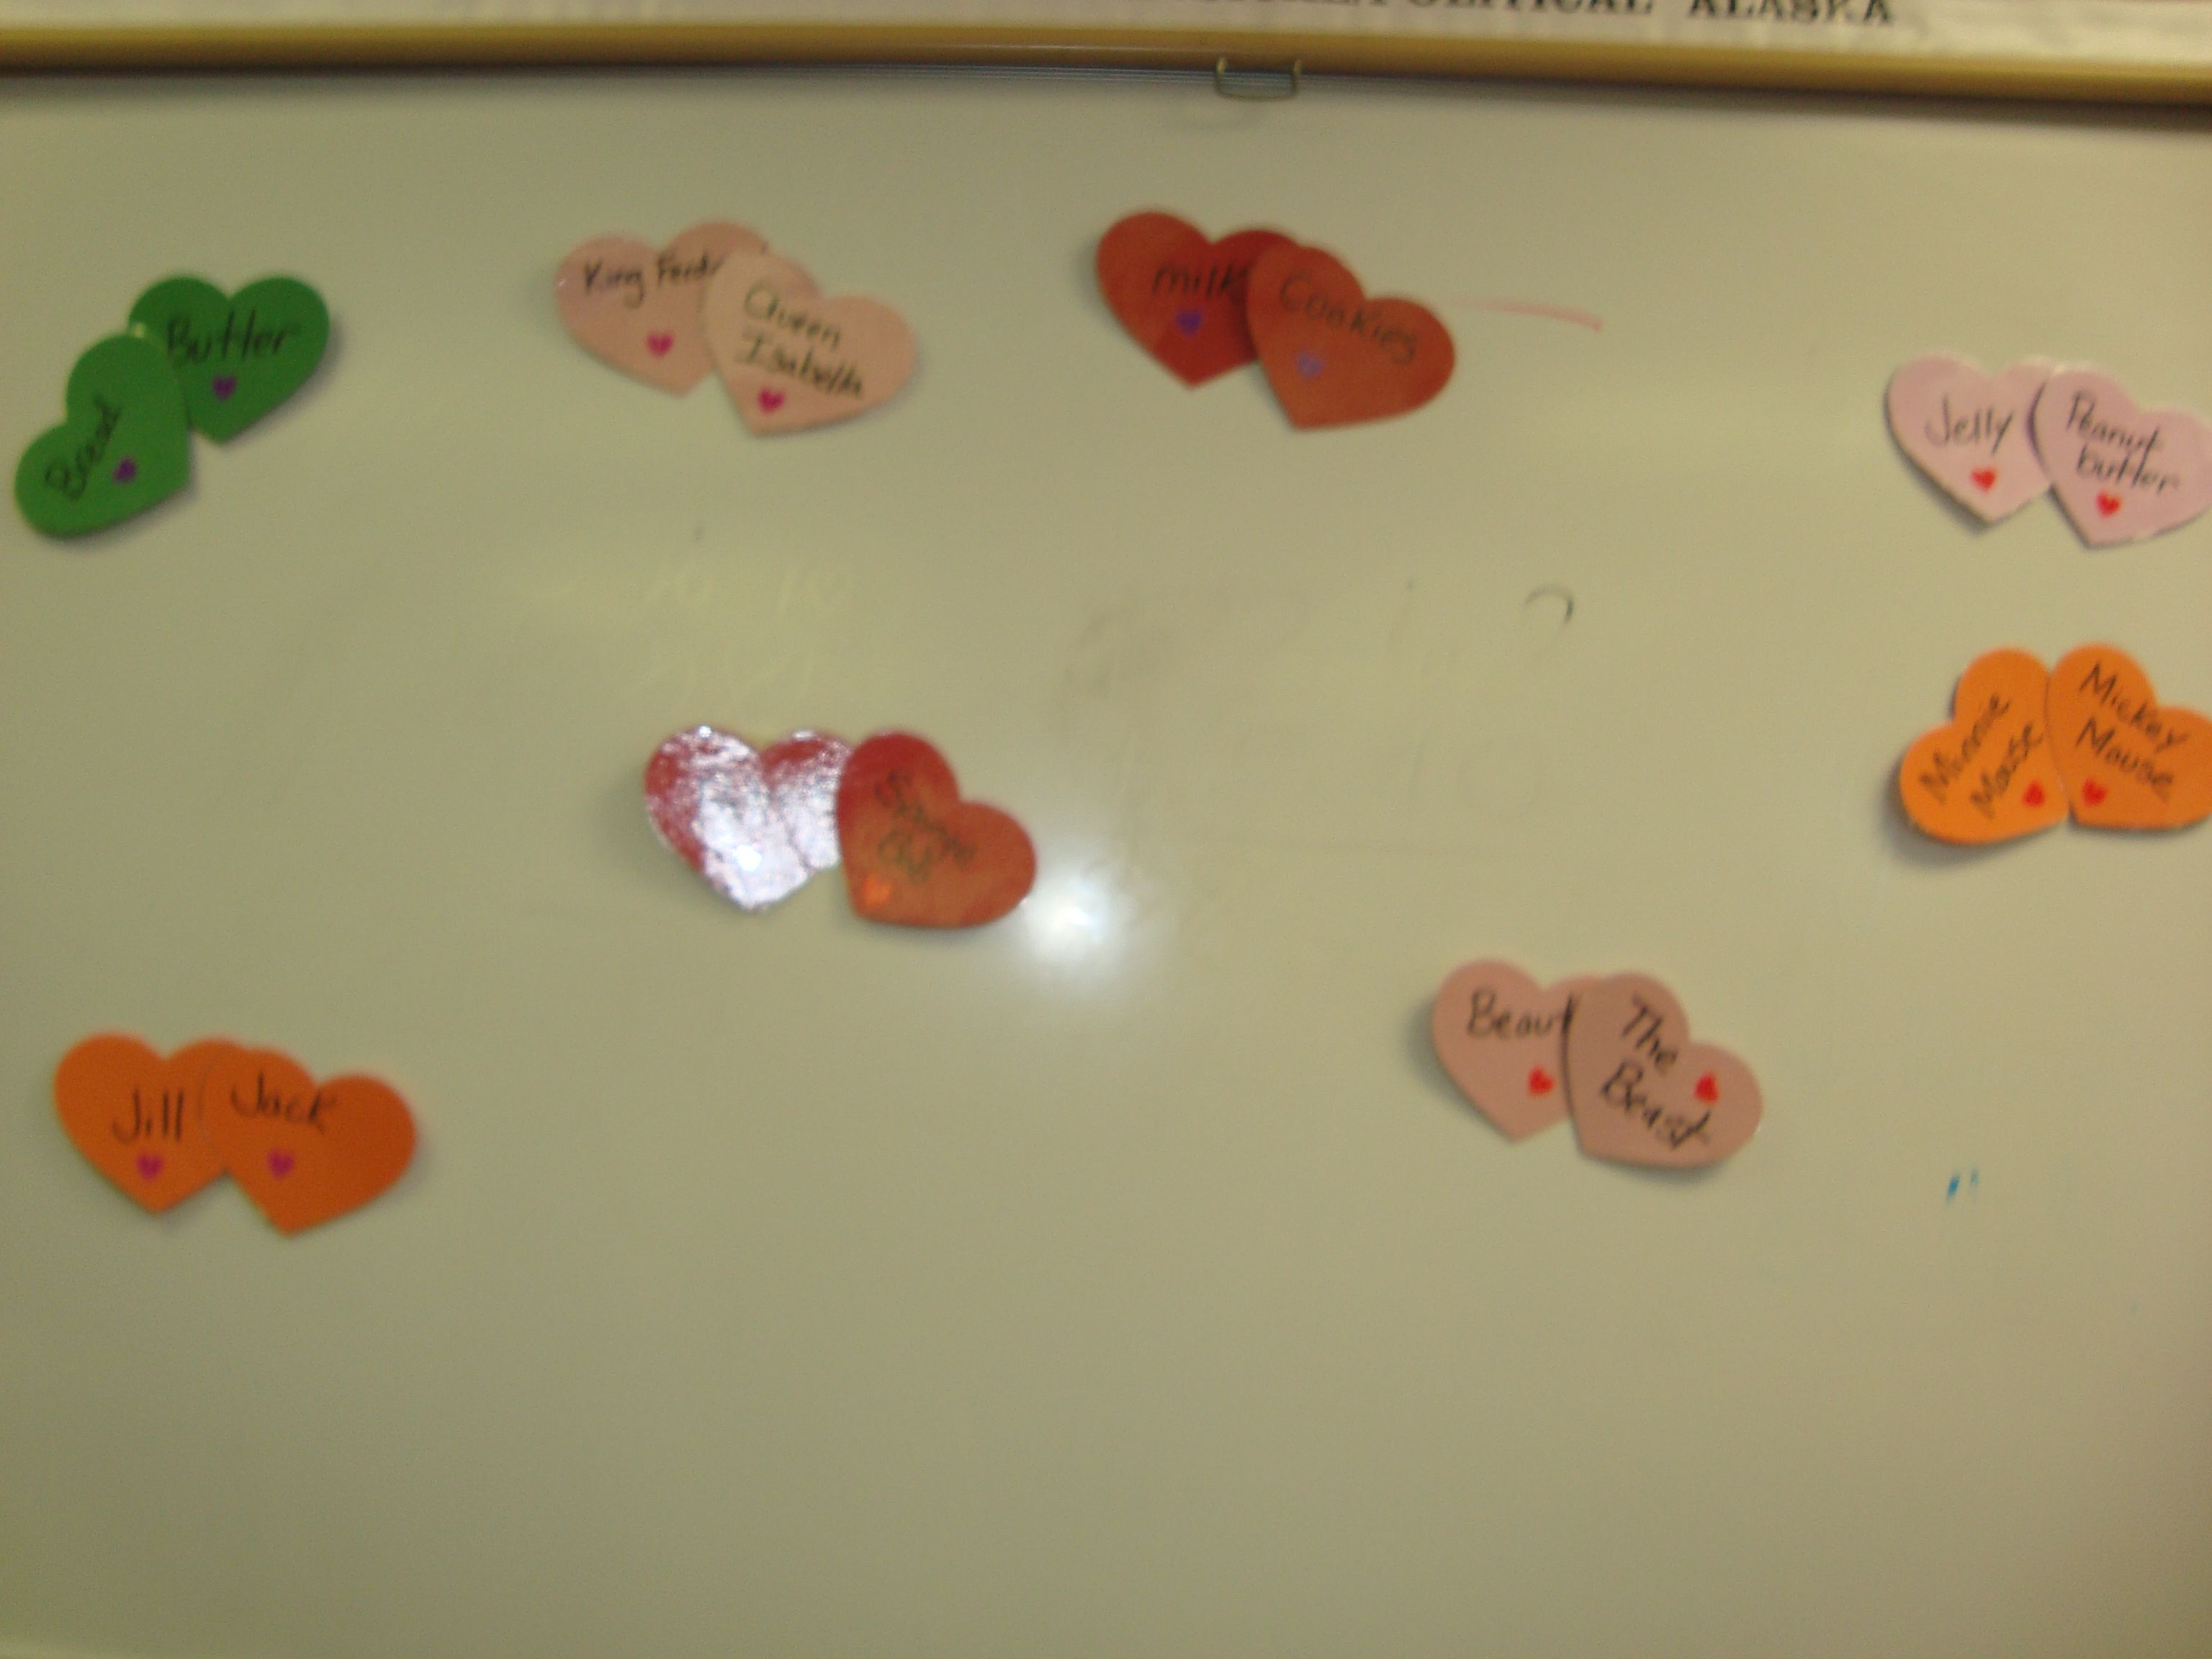 questions on valentine carol ann duffy